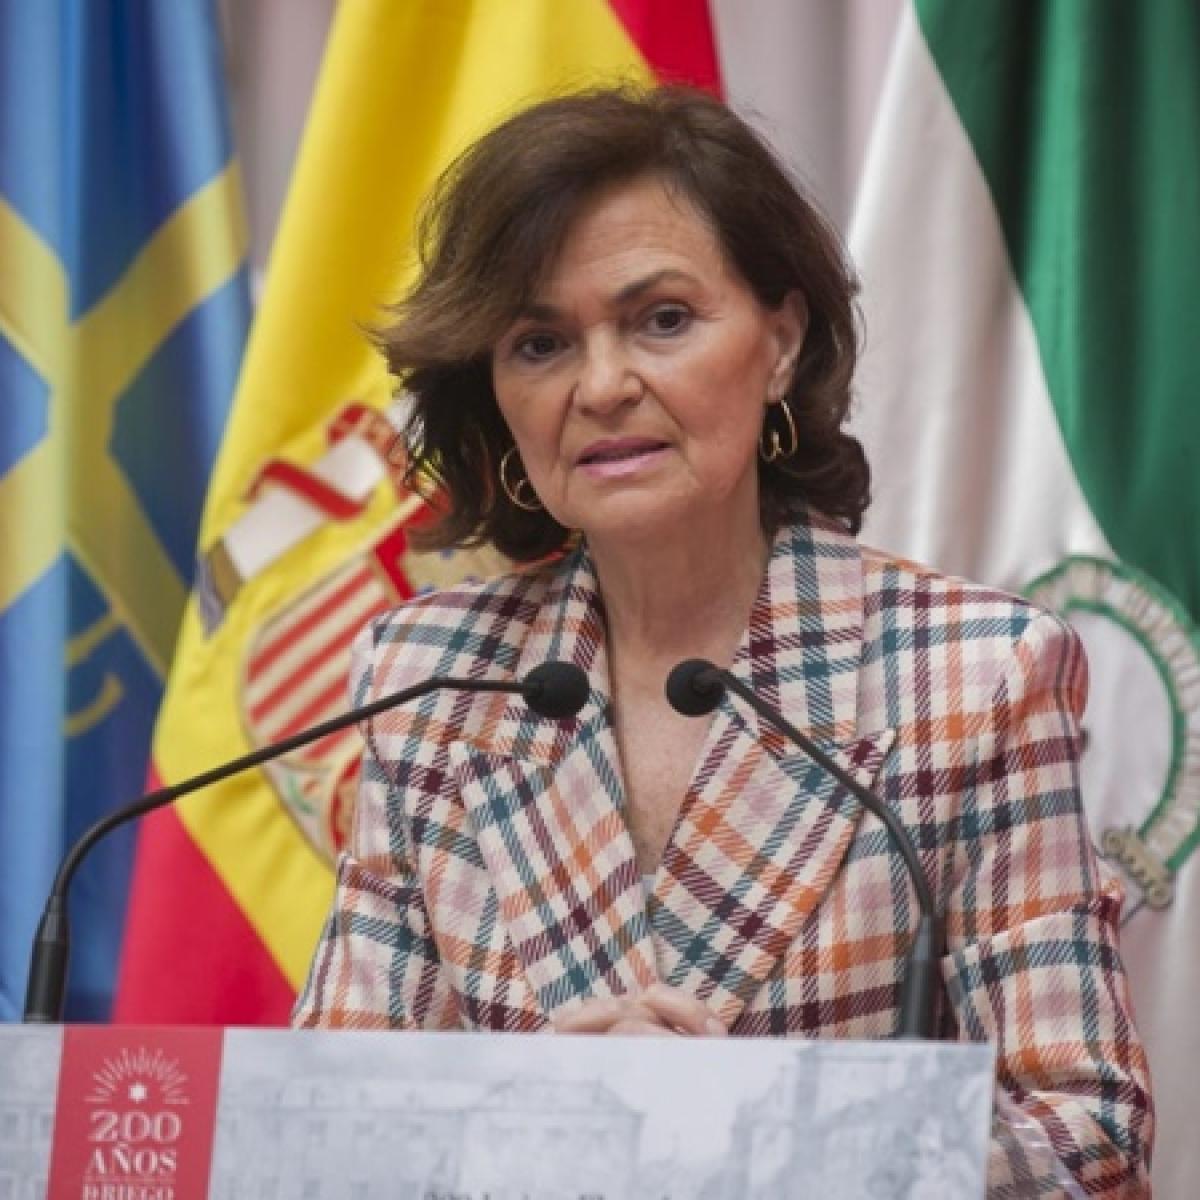 Coronavirus update: Spain's Deputy PM Carmen Calvo tests positive for virus